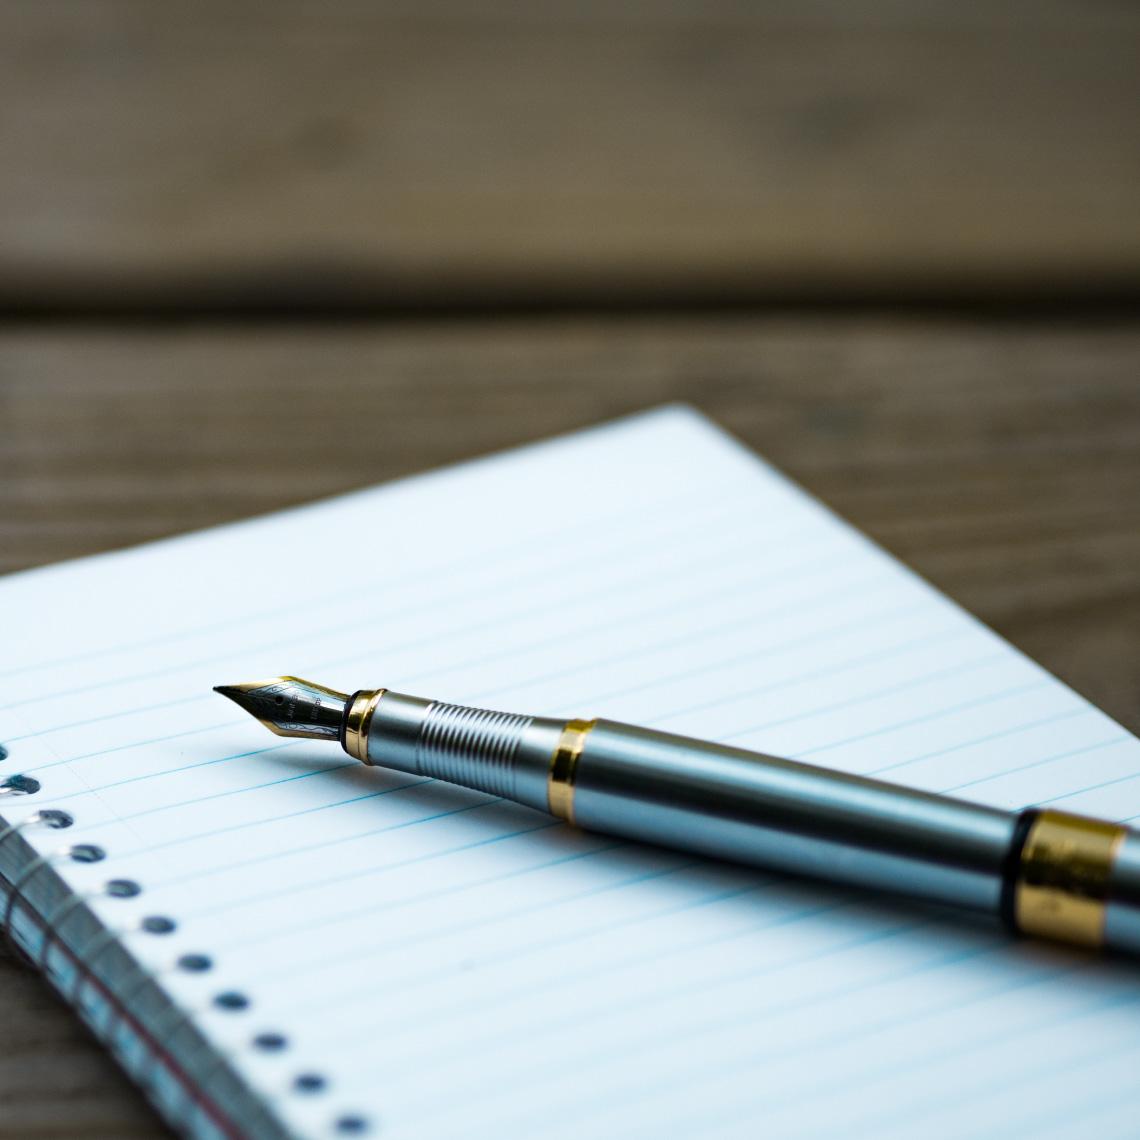 ביטוחים סיעודיים קולקטיביים - סוכן ביטוח סיעודי טד בר